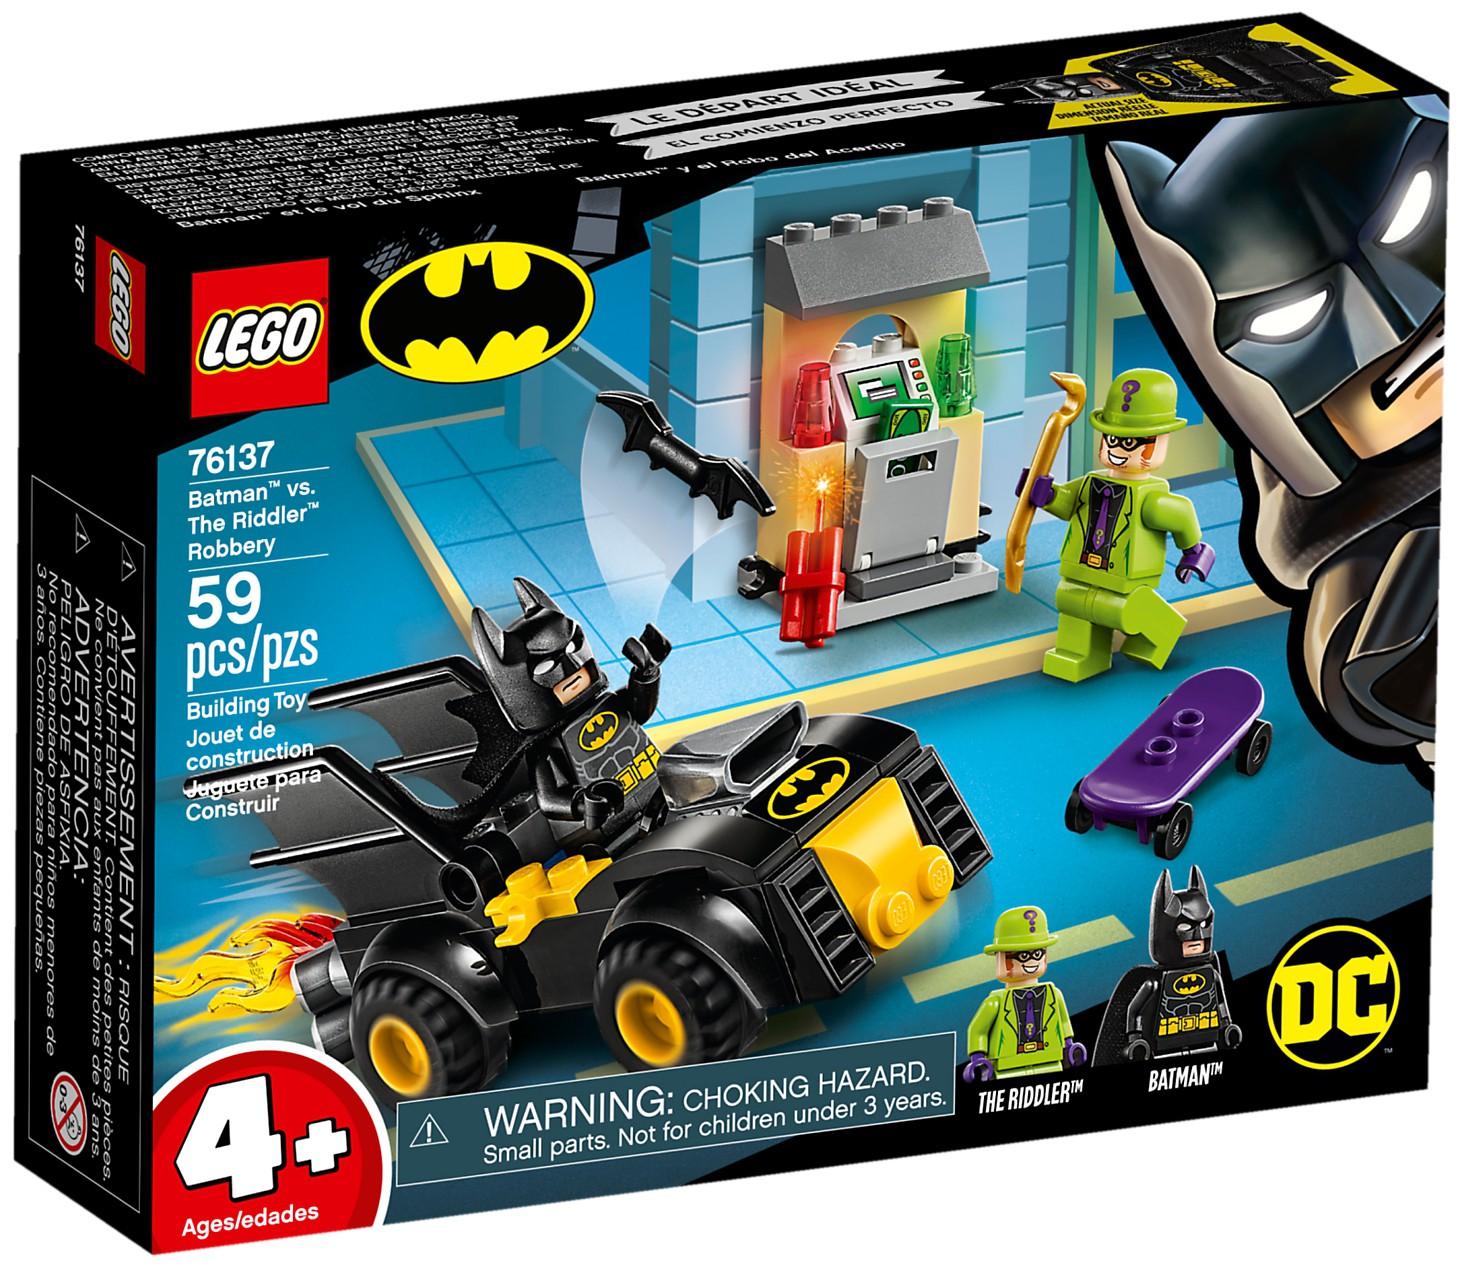 76137 Batman vs. the Riddler Robbery